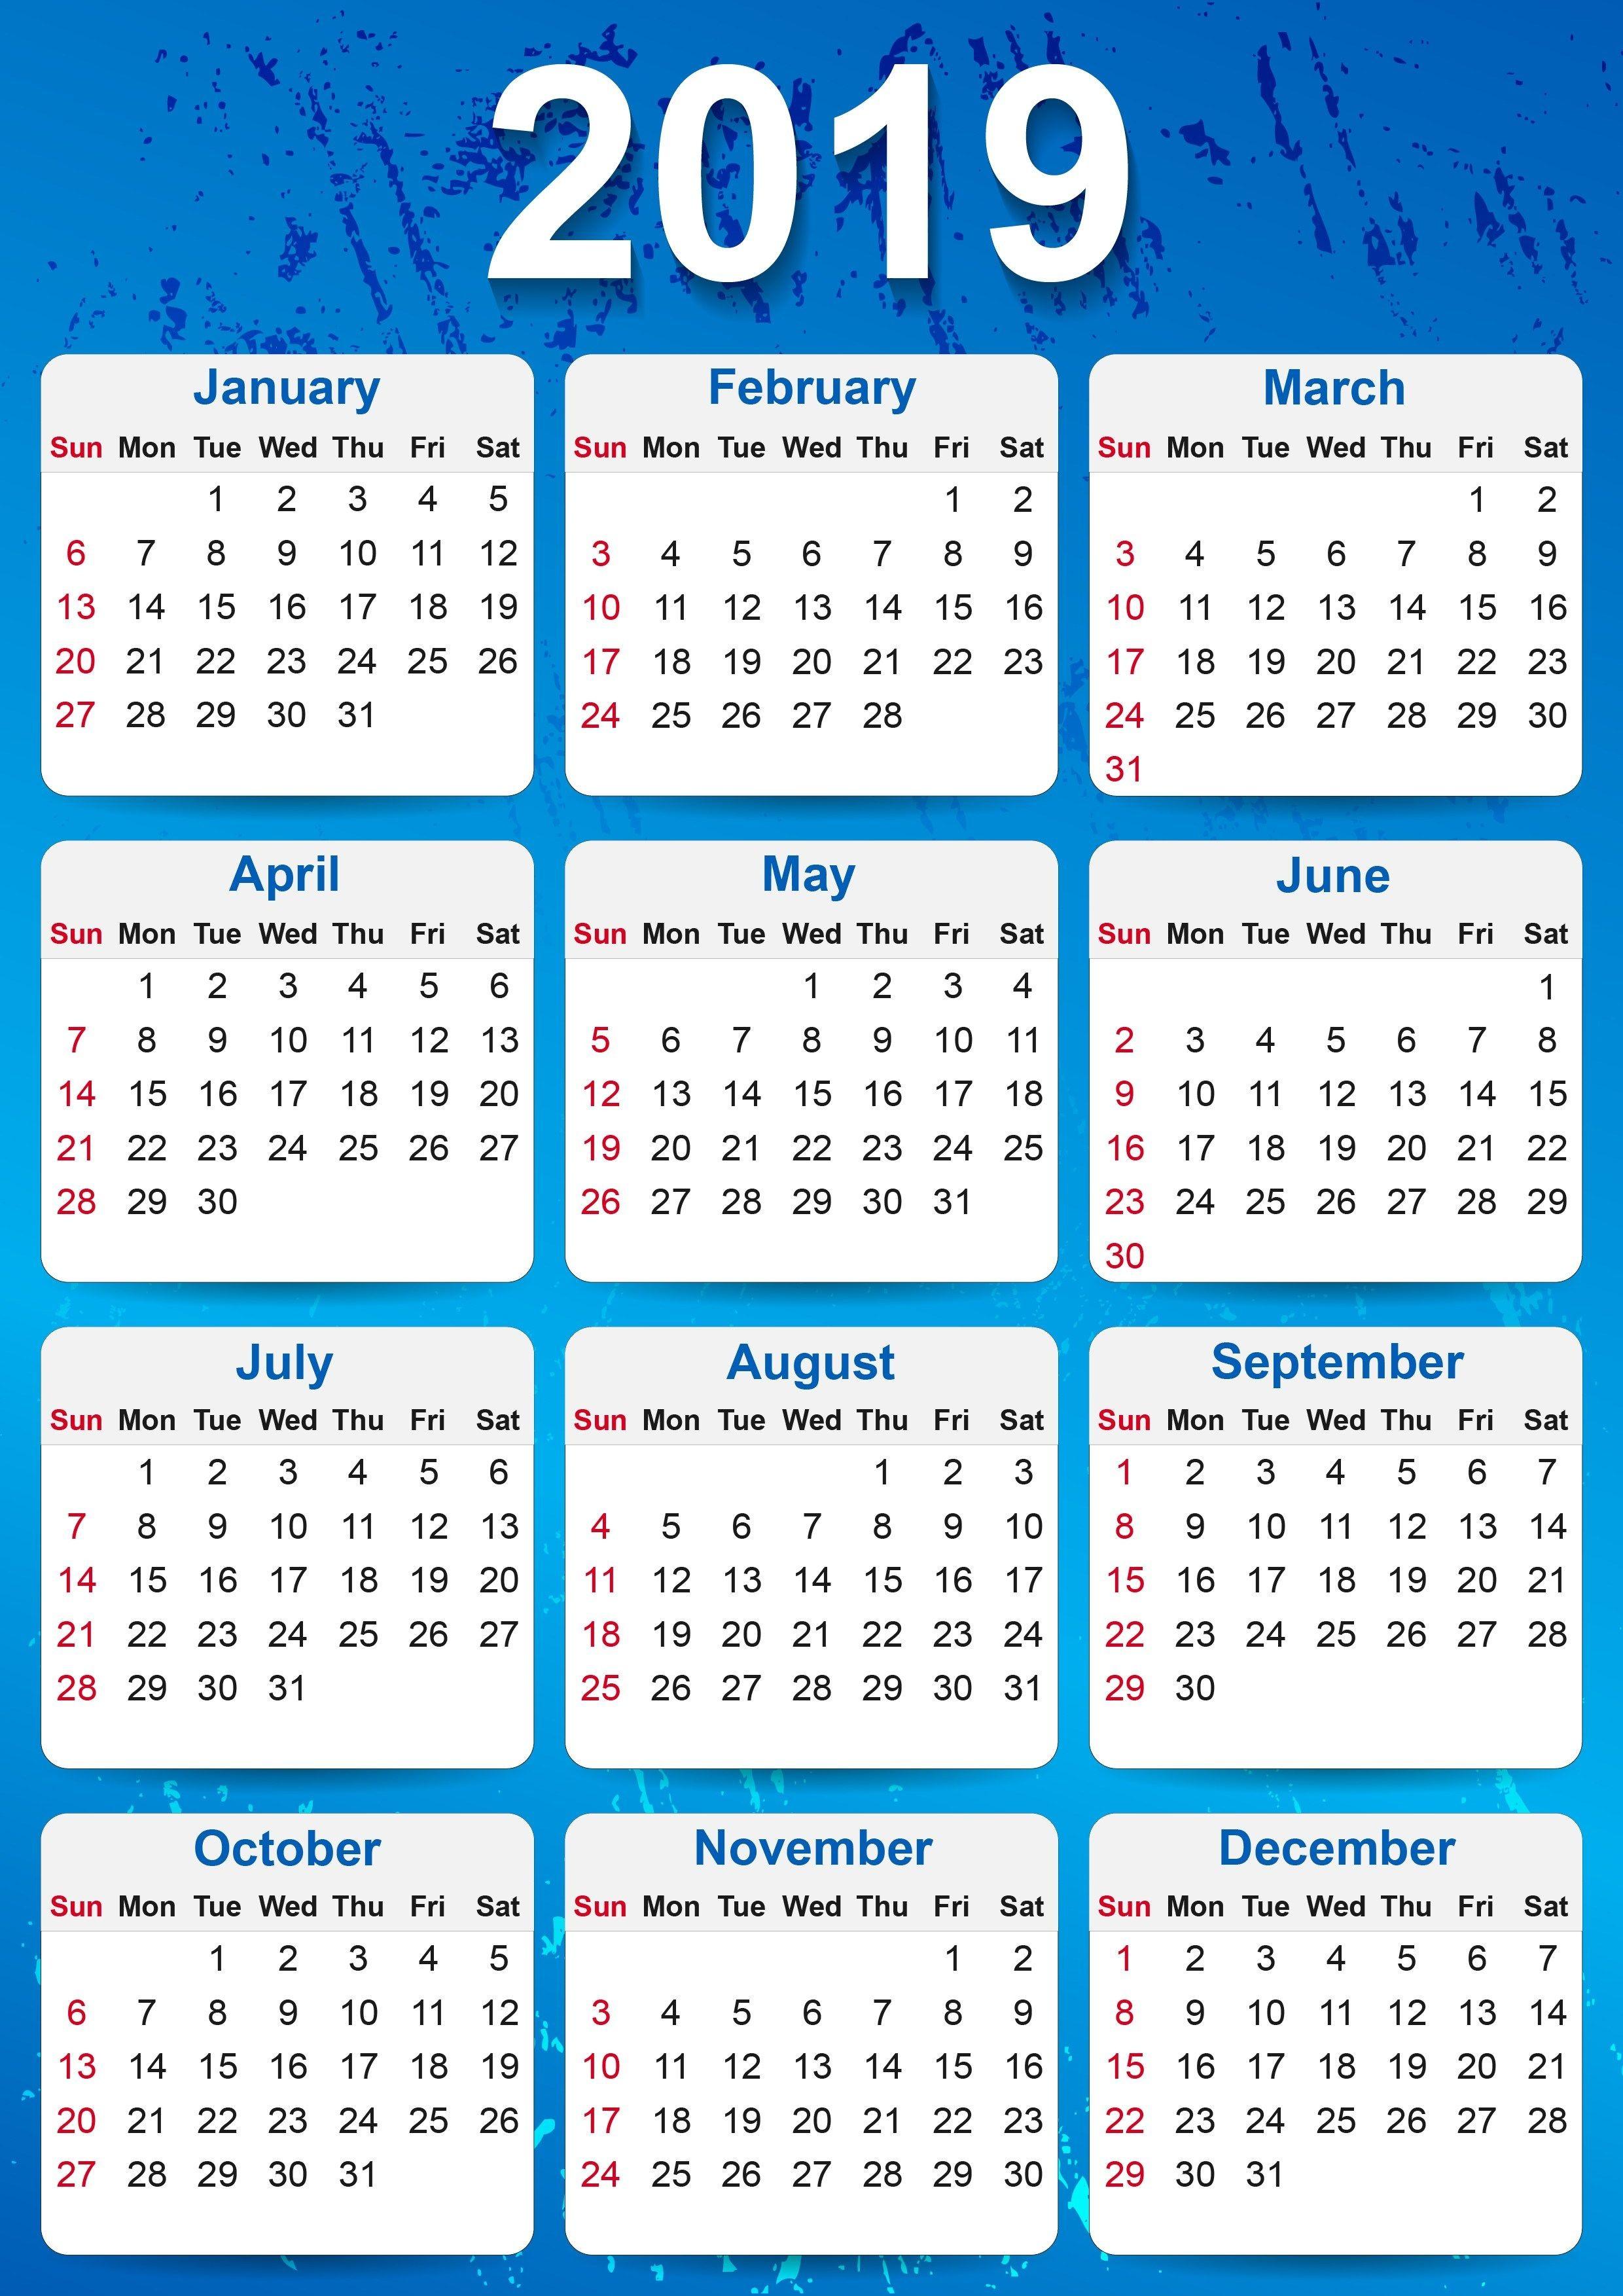 March 2019 Calendar Lala Ramswaroop Más Populares Hindu Calendar 2019 Pdf Free Download Of March 2019 Calendar Lala Ramswaroop Más Recientemente Liberado Media to Get Lala Ramswaroop Calendar 2019 Pdf Download Calendar